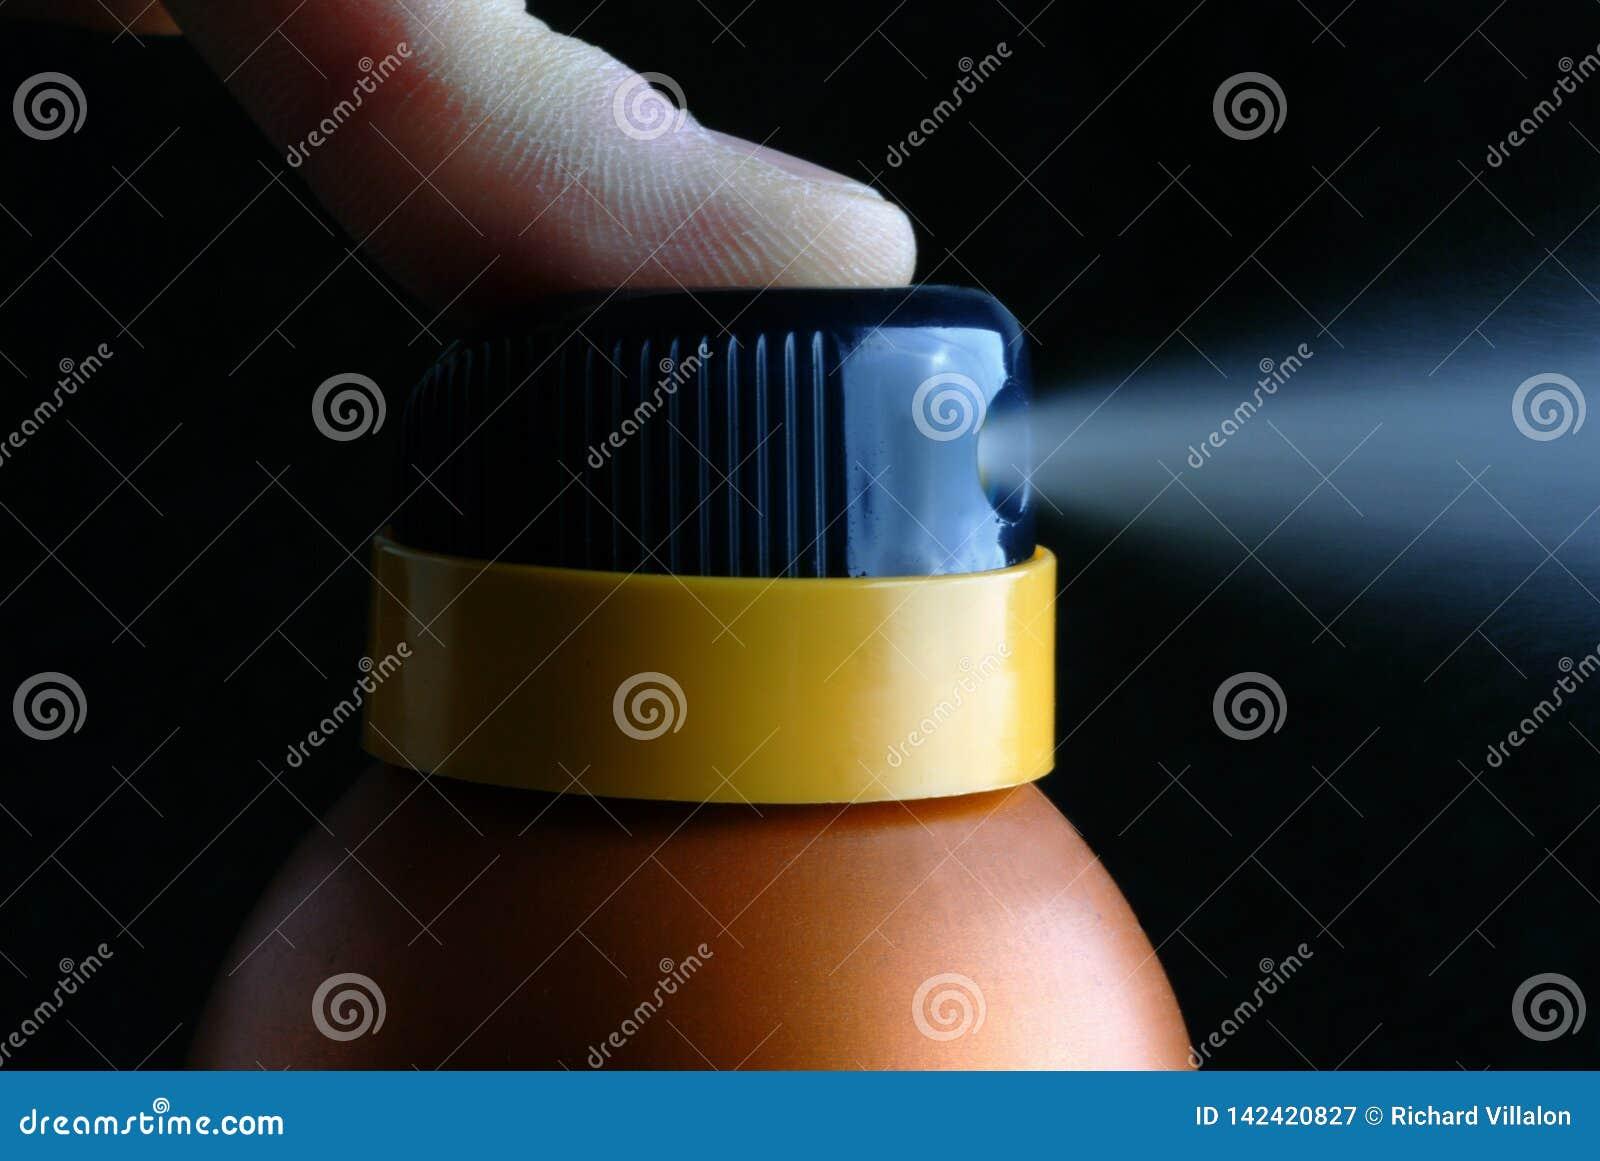 Schließen Sie oben auf einem Spray des desodorierenden Mittels auf einem schwarzen Hintergrund